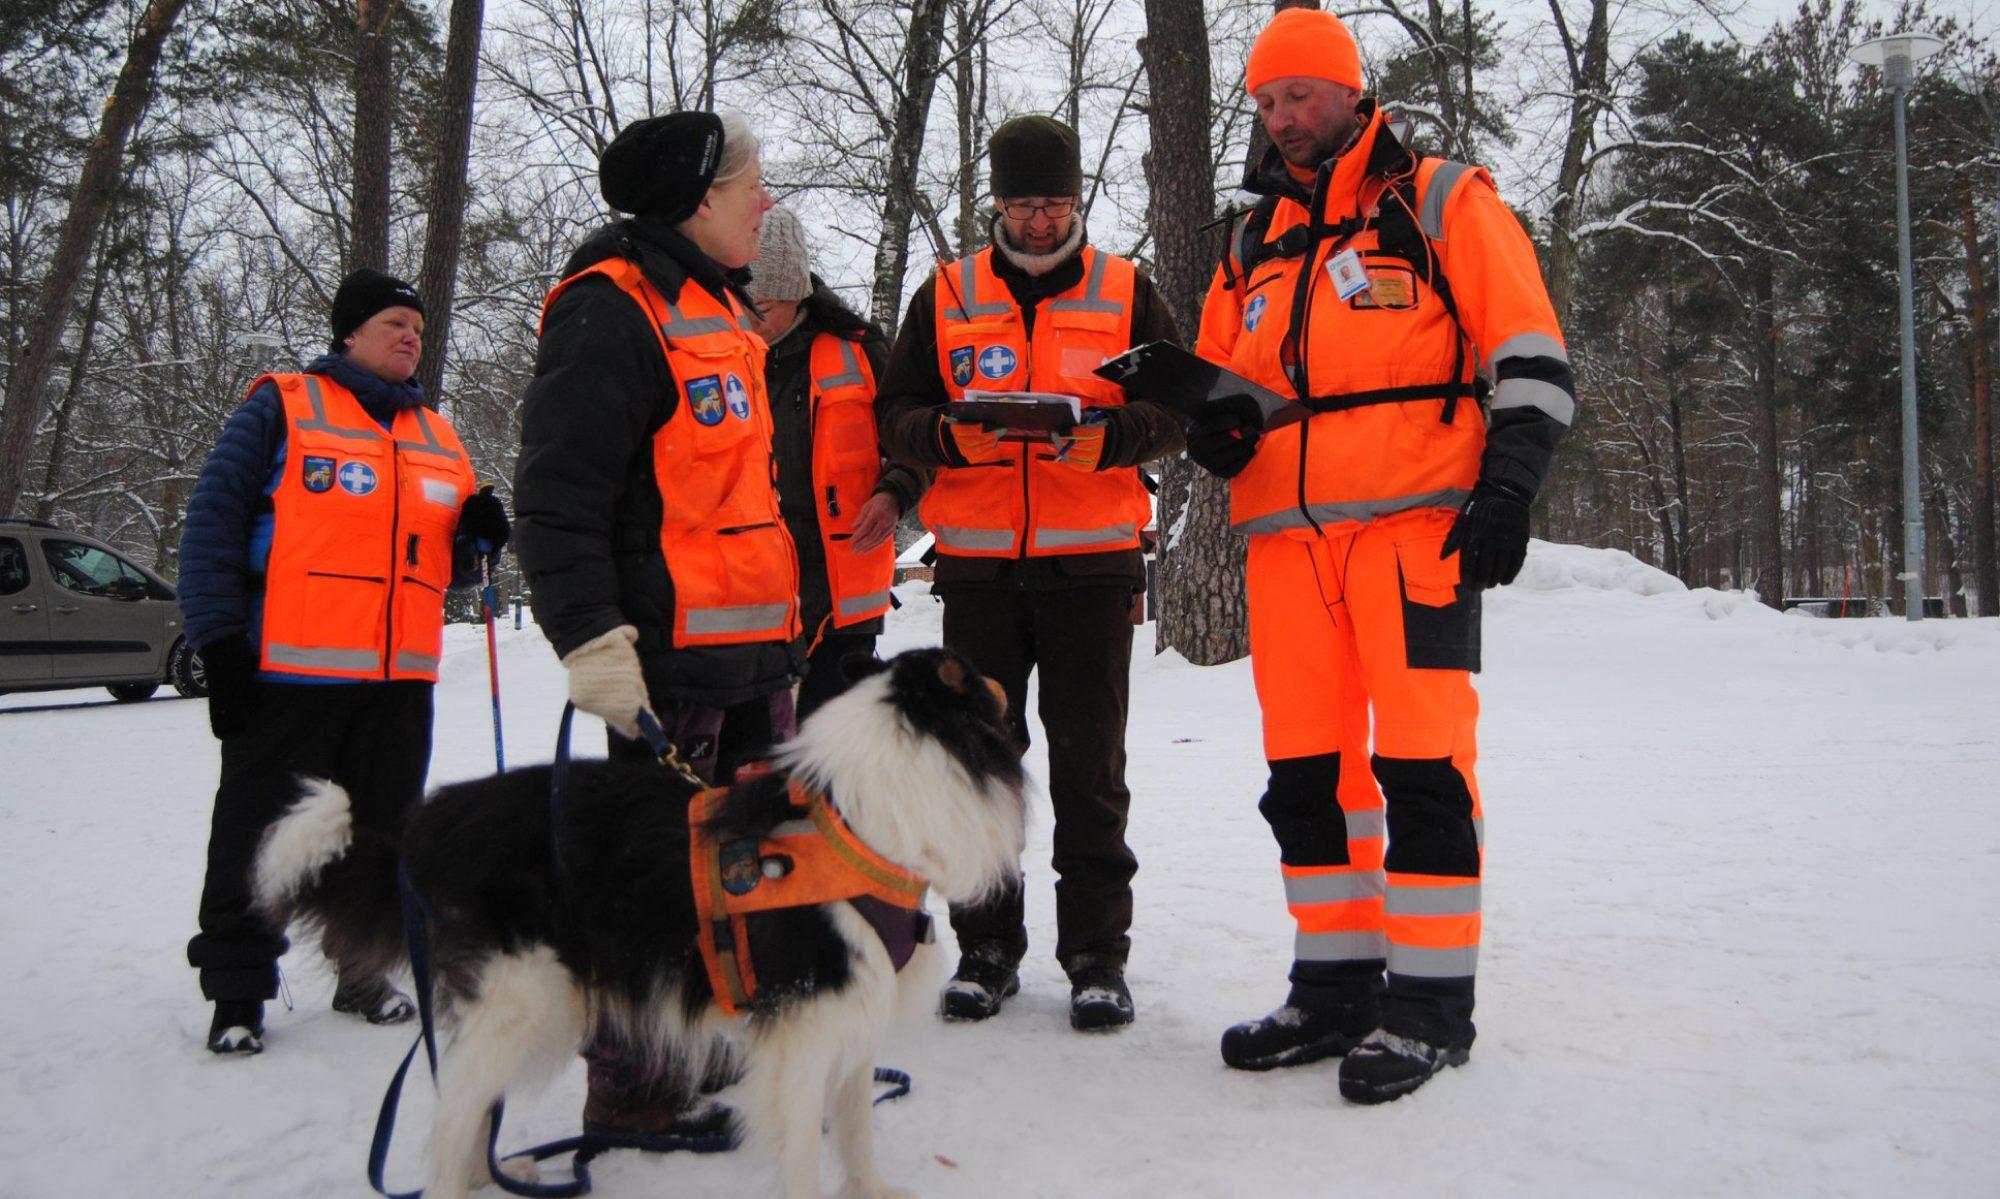 Raaseporin Pelastuskoirat - Raseborgs Räddningshundar